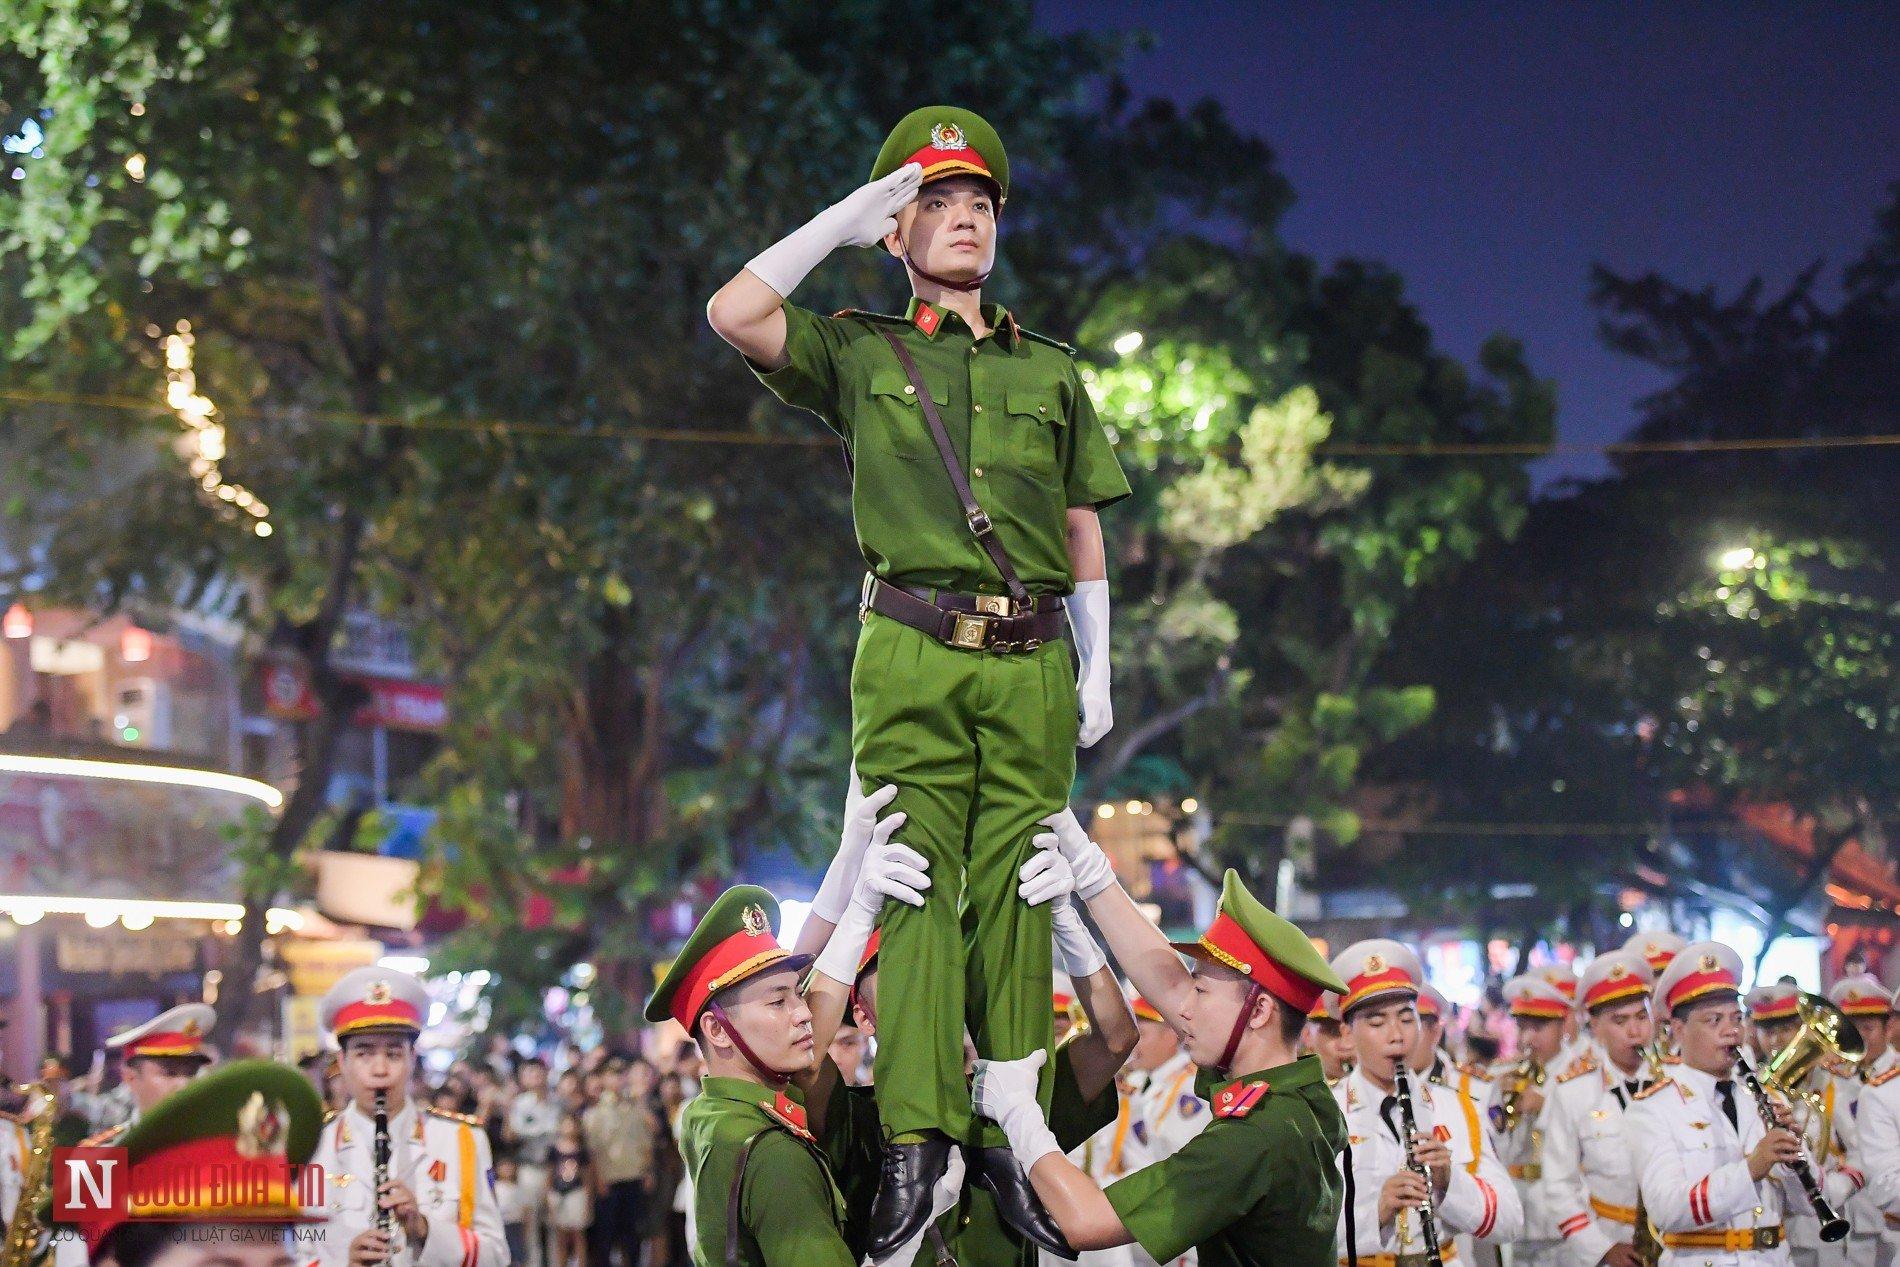 Đoàn nghi lễ Công an Nhân dân lần đầu tiên diểu diễn tại phố đi bộ hồ Hoàn Kiếm 17